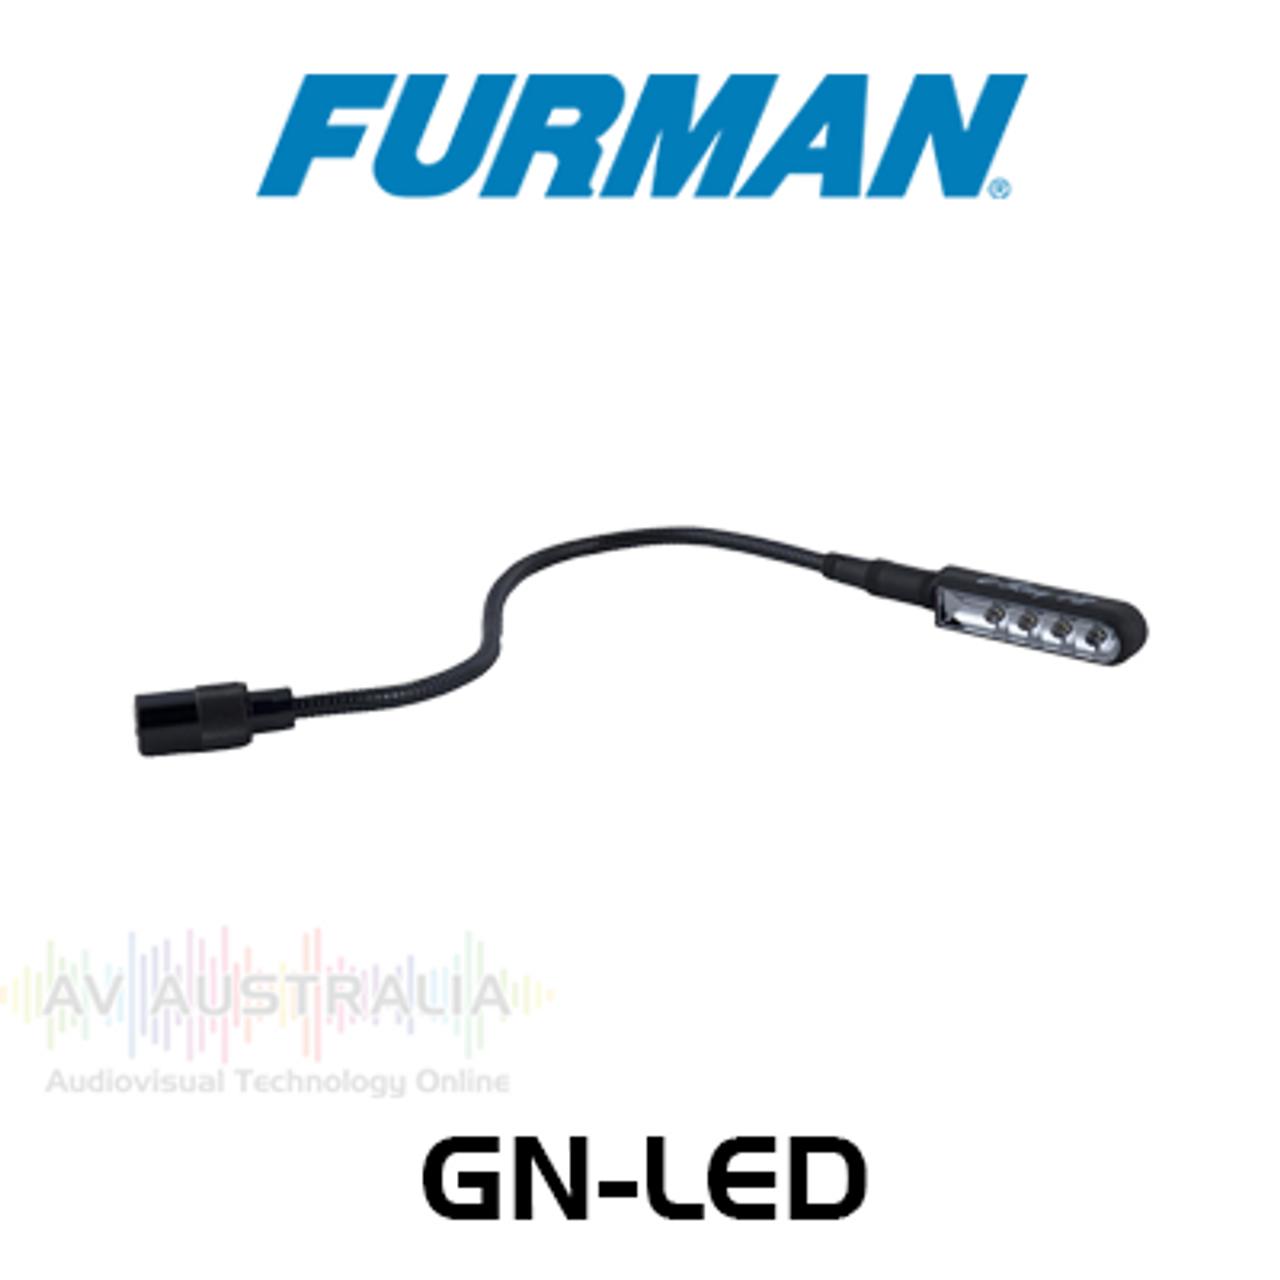 Furman GN-LED 12VAC BNC Gooseneck LED Lamp